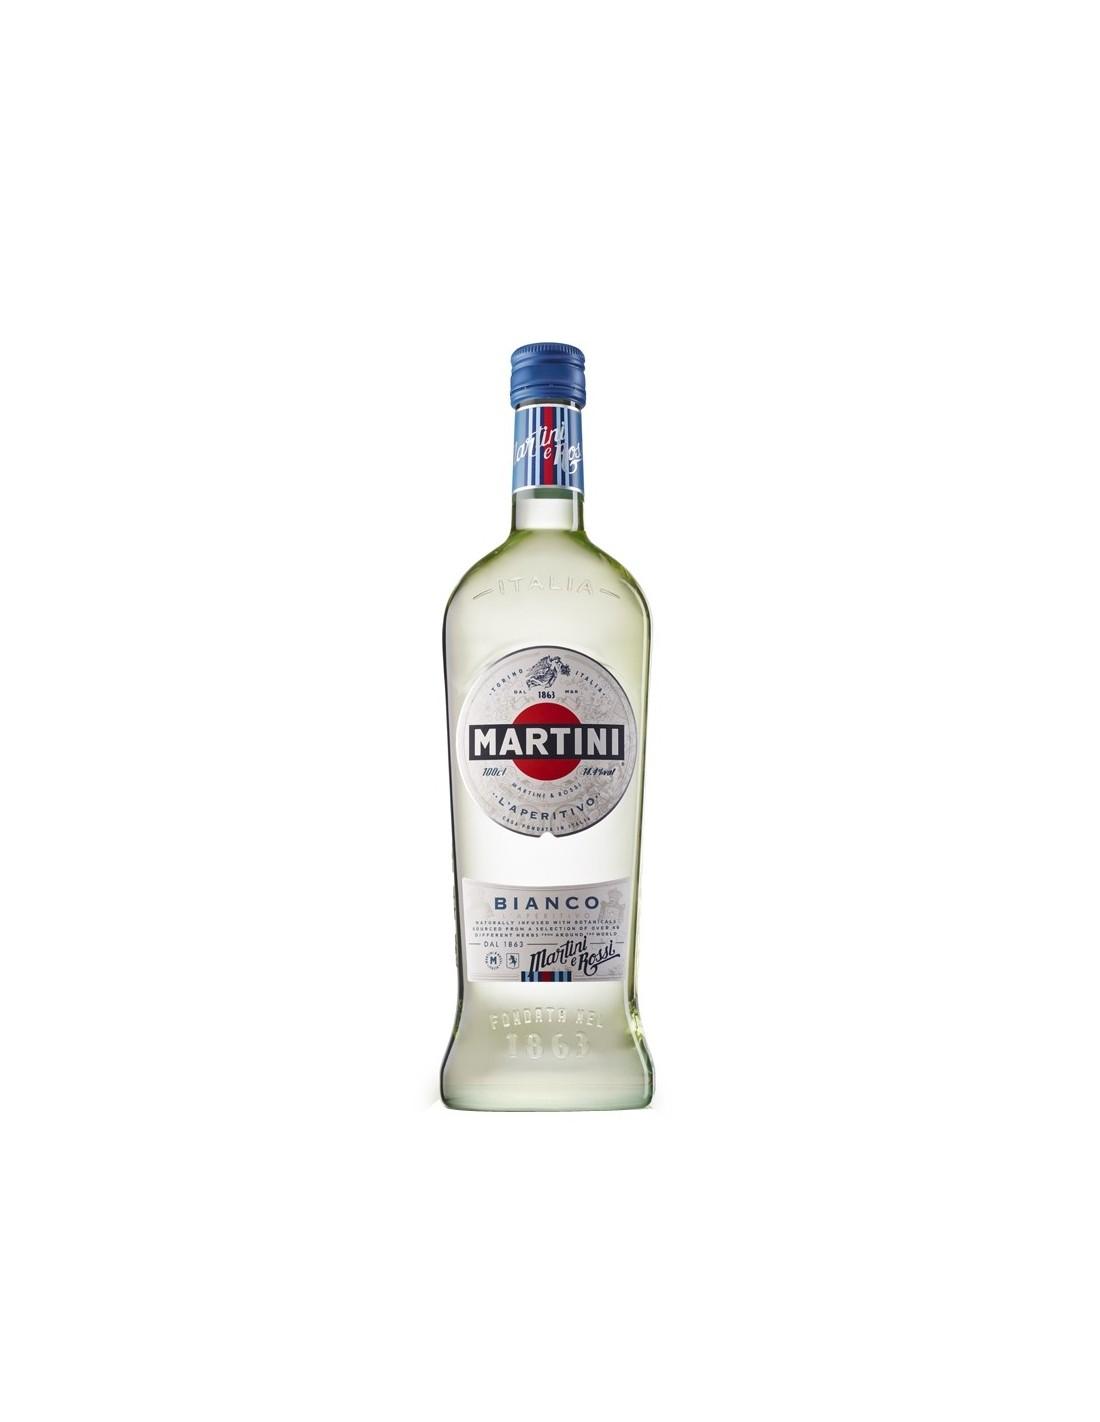 Aperitiv Martini Bianco, 15% alc., 0.75L, Italia